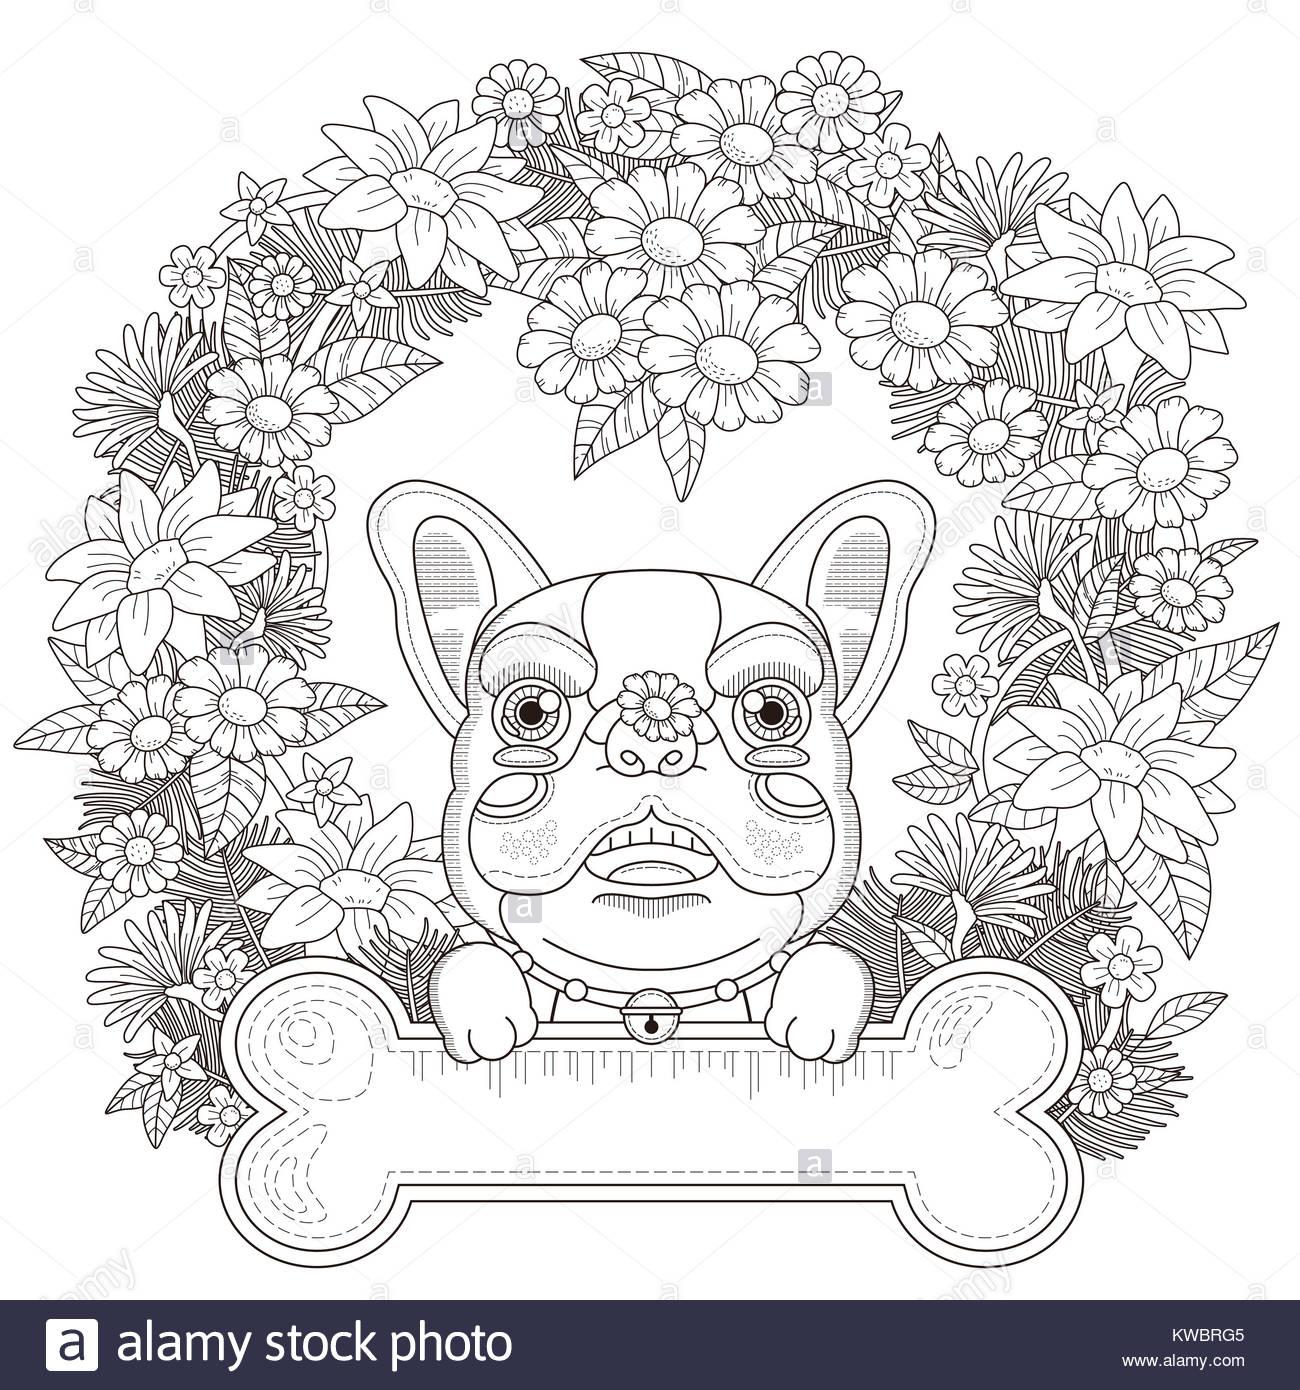 Fein Malvorlagen Doggy Fotos - Beispielzusammenfassung Ideen ...